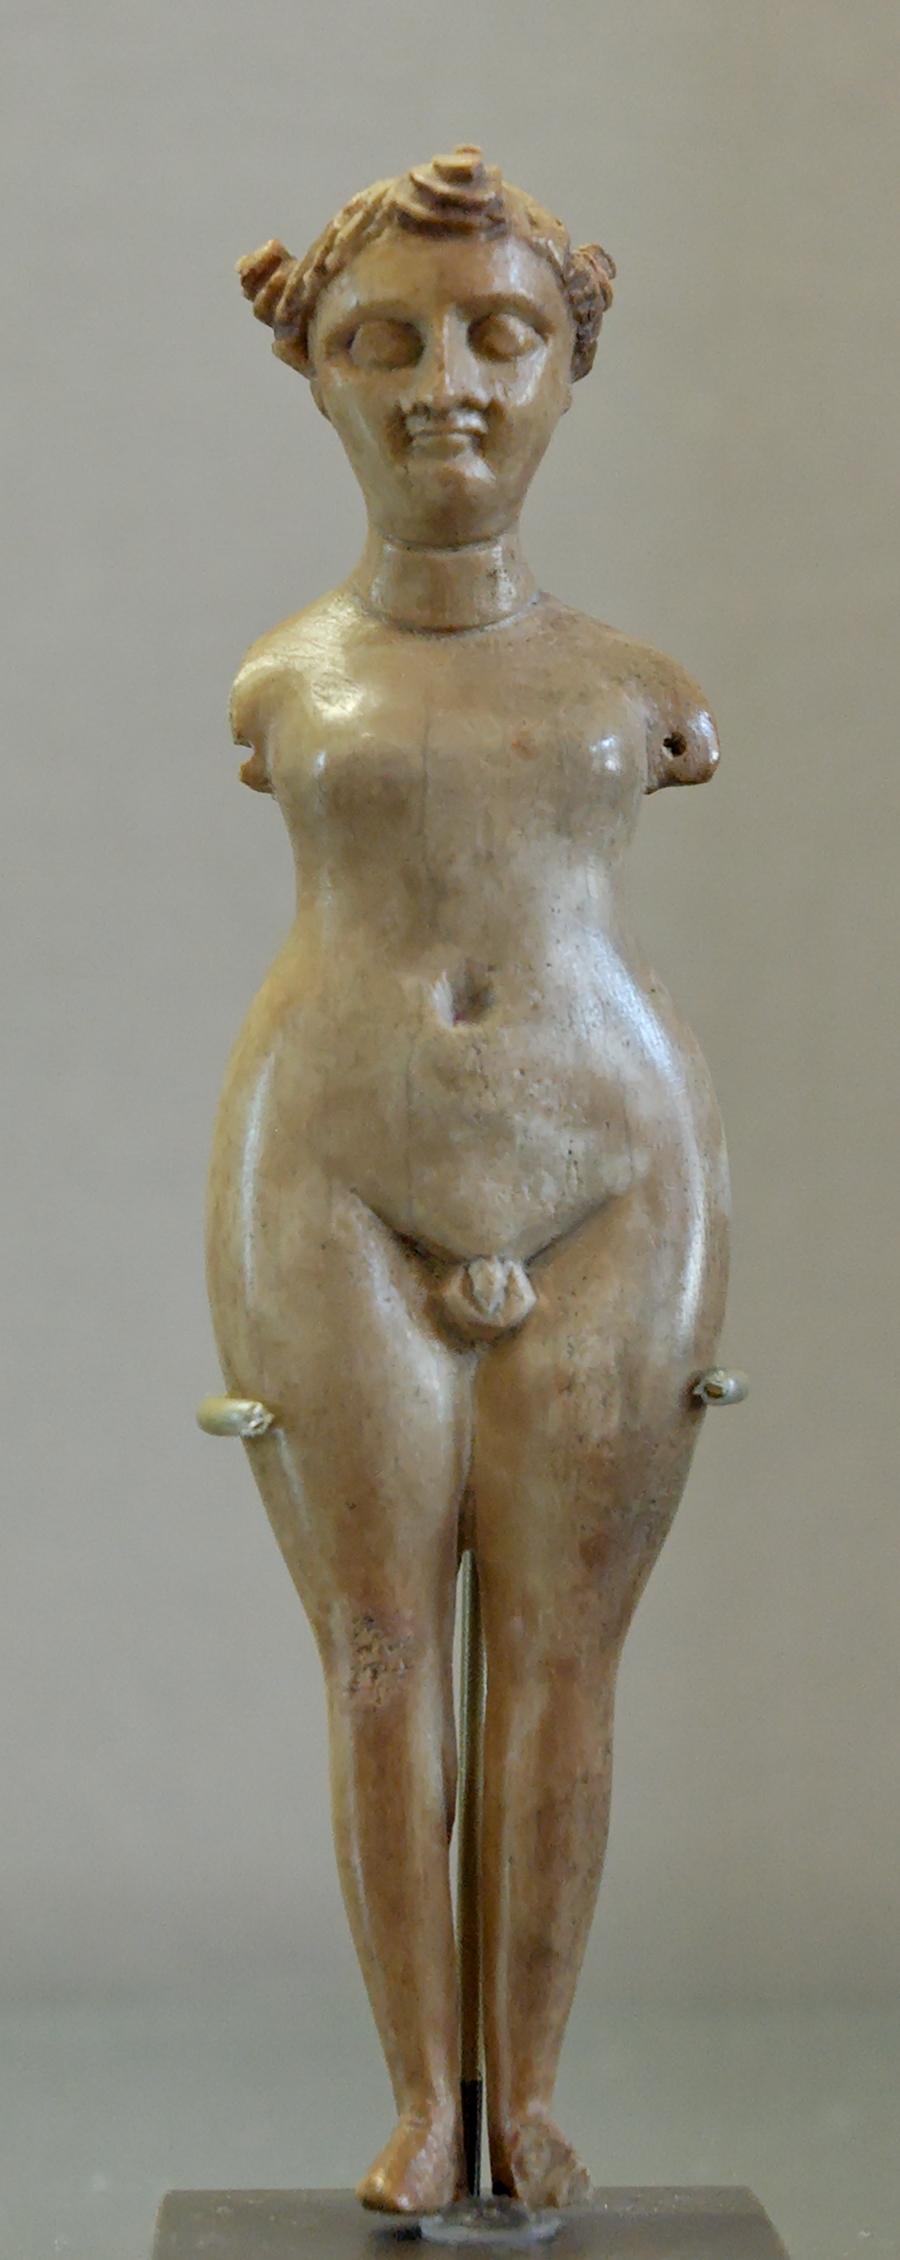 polniy-germafrodit